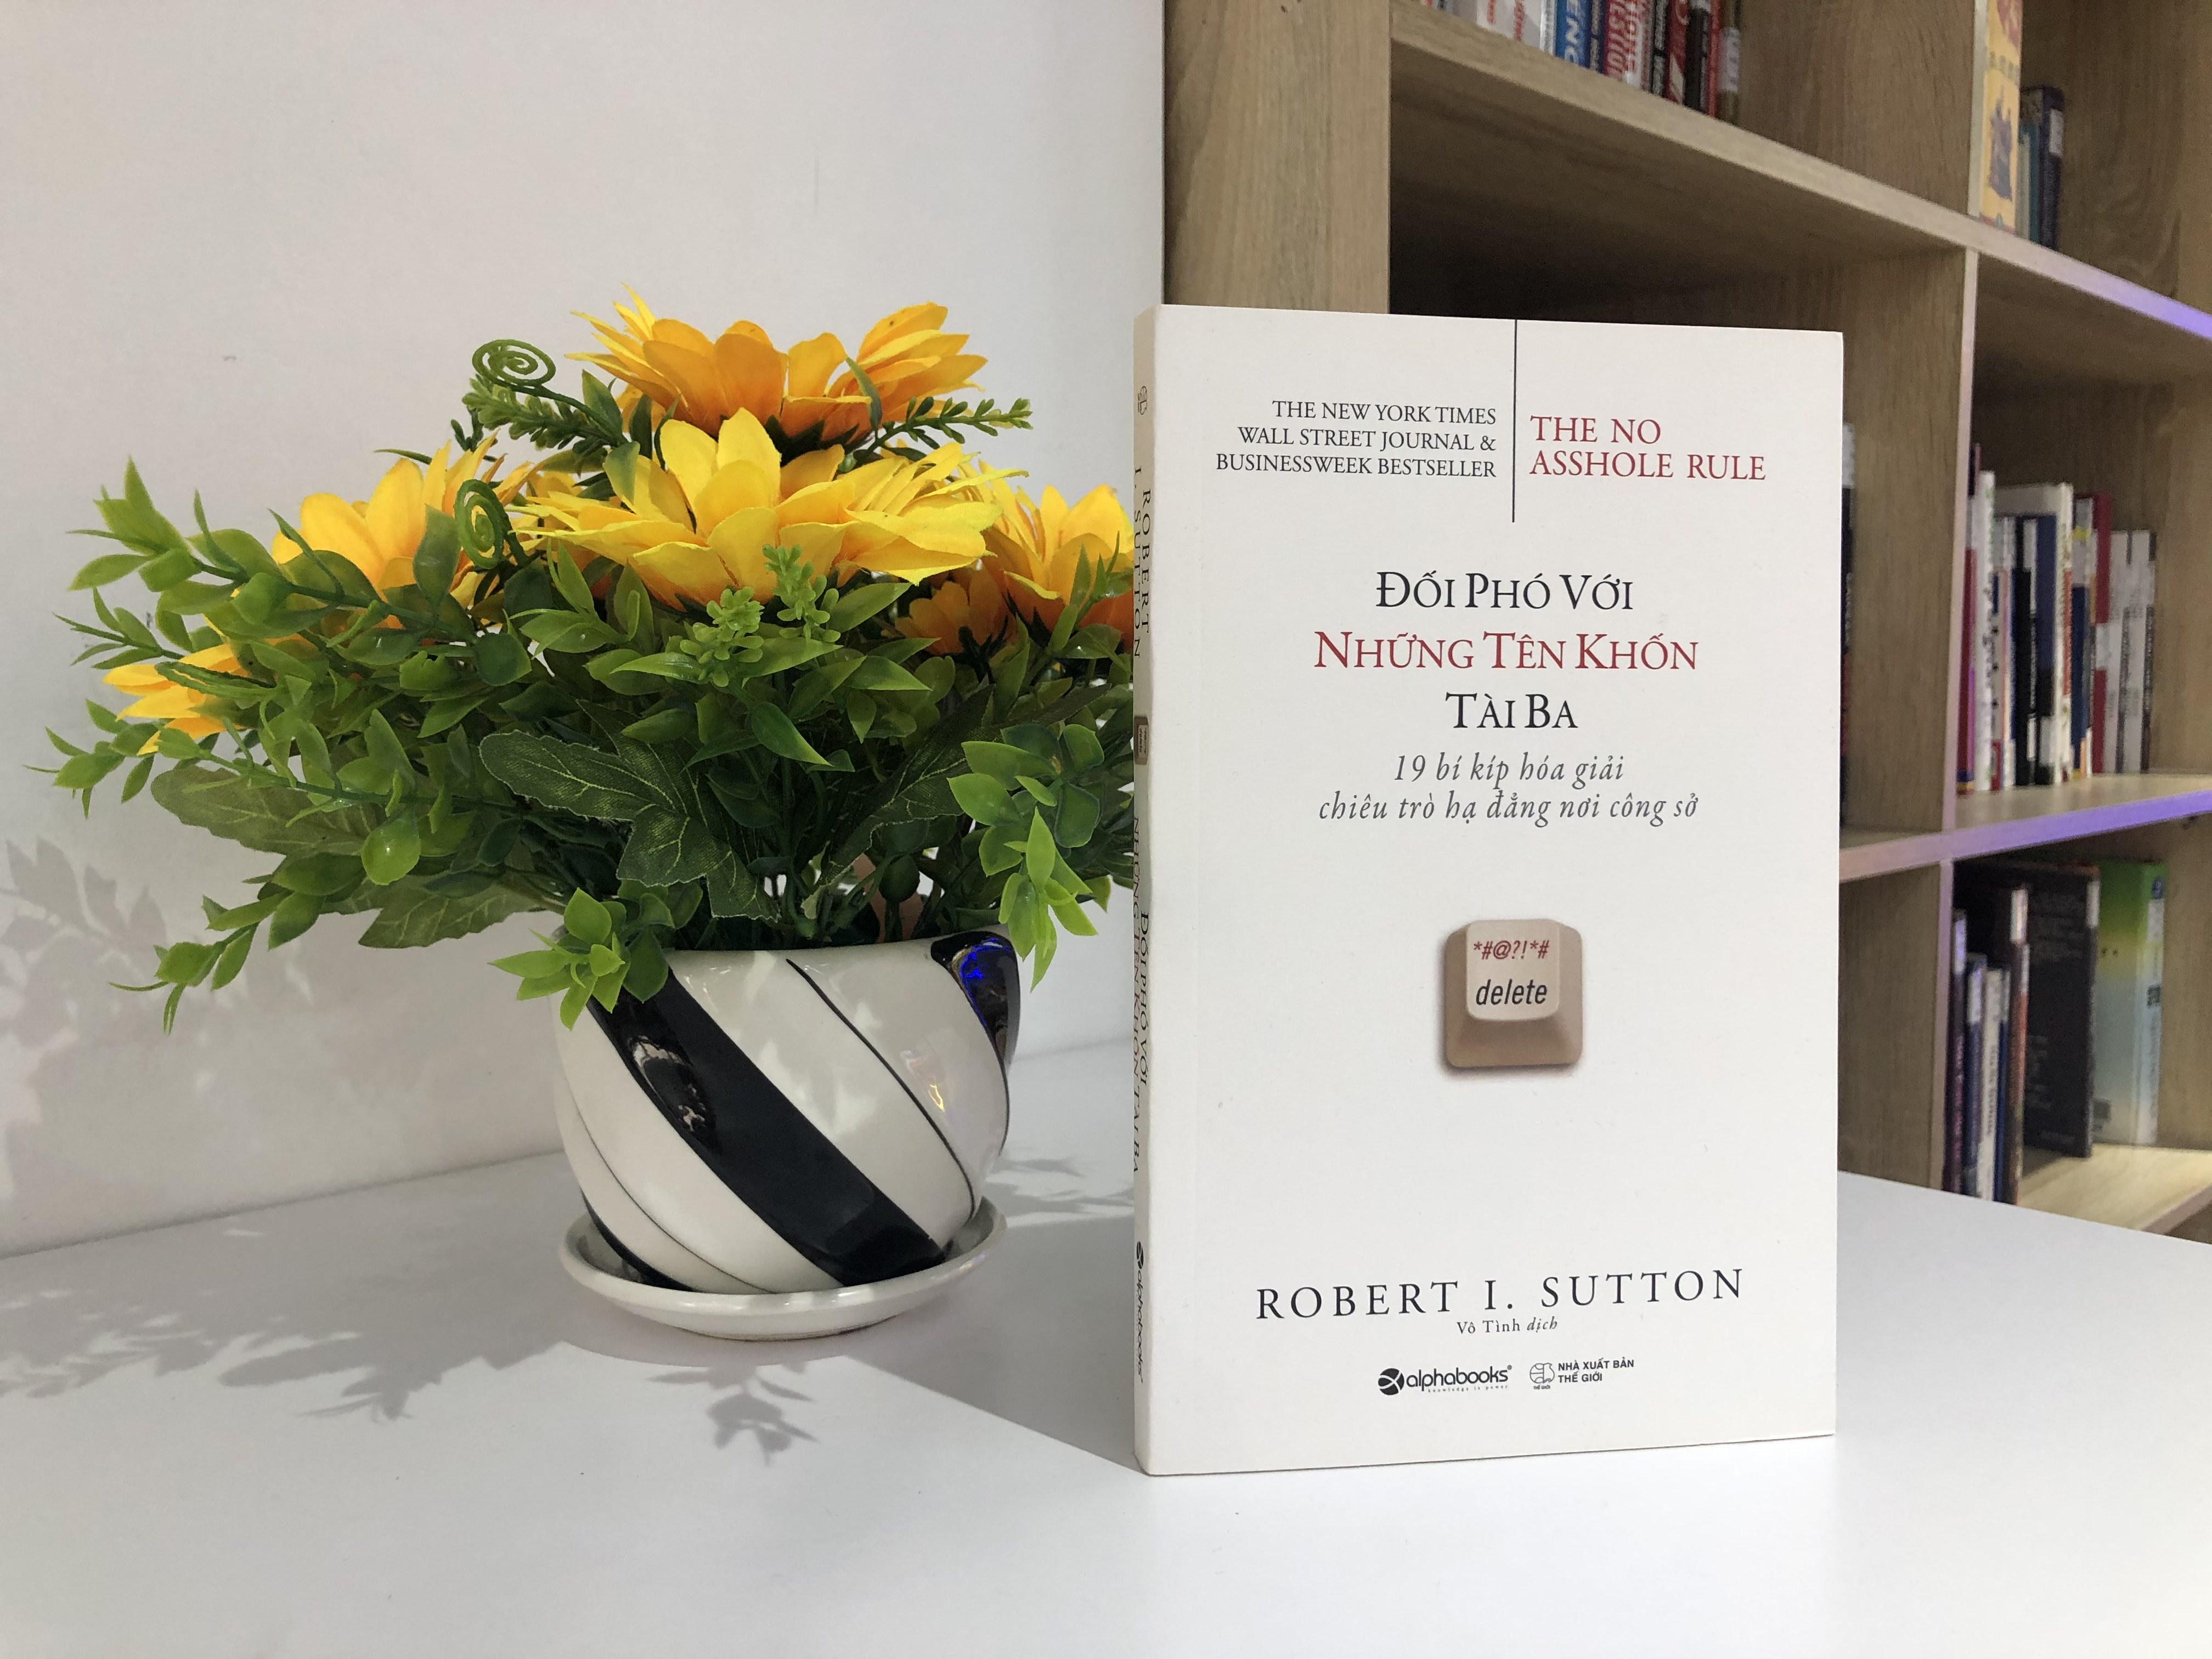 Cuốn sách được bình chọn 'Bán chạy nhất' bởi The New York Times, Wall Street Journal và BusinessWeek.